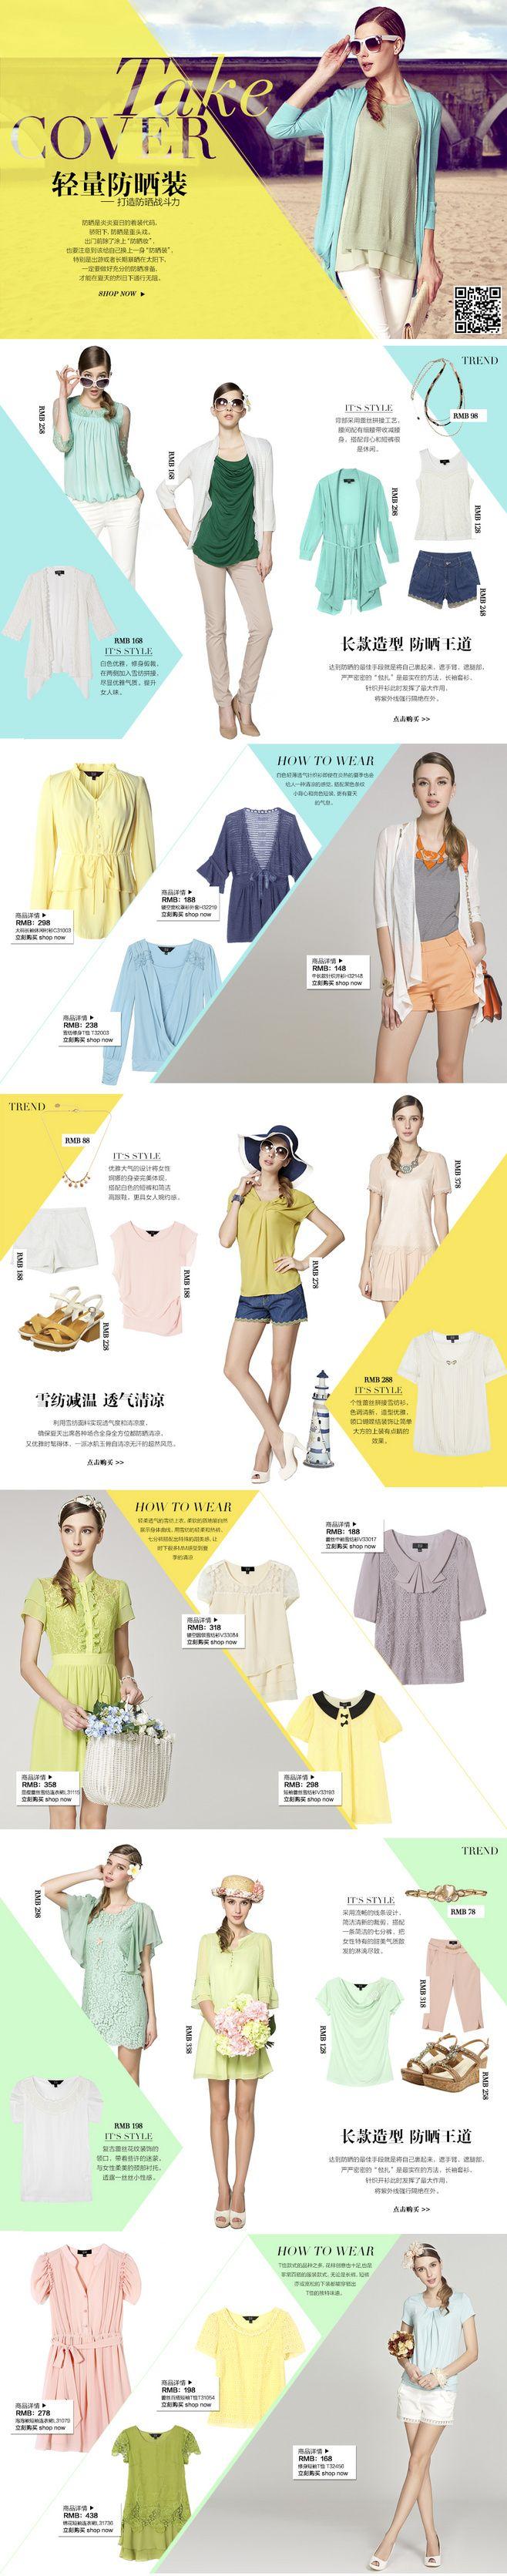 Fashion webshop - cut diagonally #webdesign